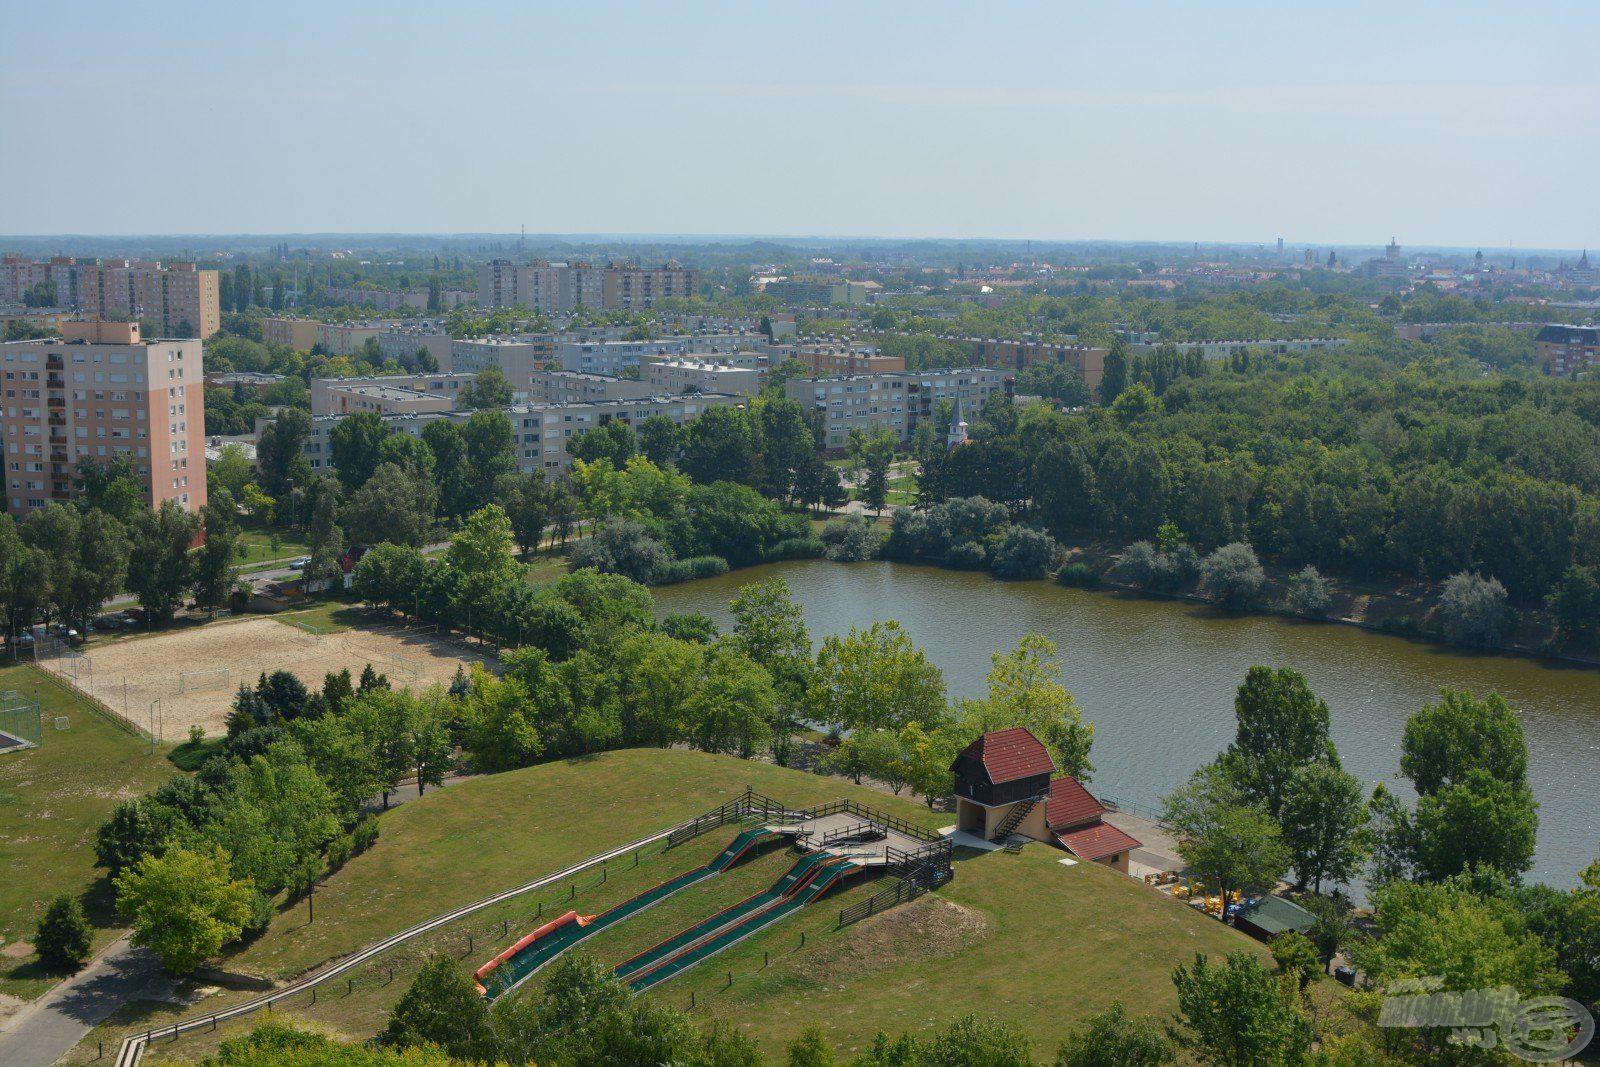 Íme, a Kecskeméti-záportározó, amely a város peremén található (forrás: https://www.szabadidokozpont-kecskemet.hu/